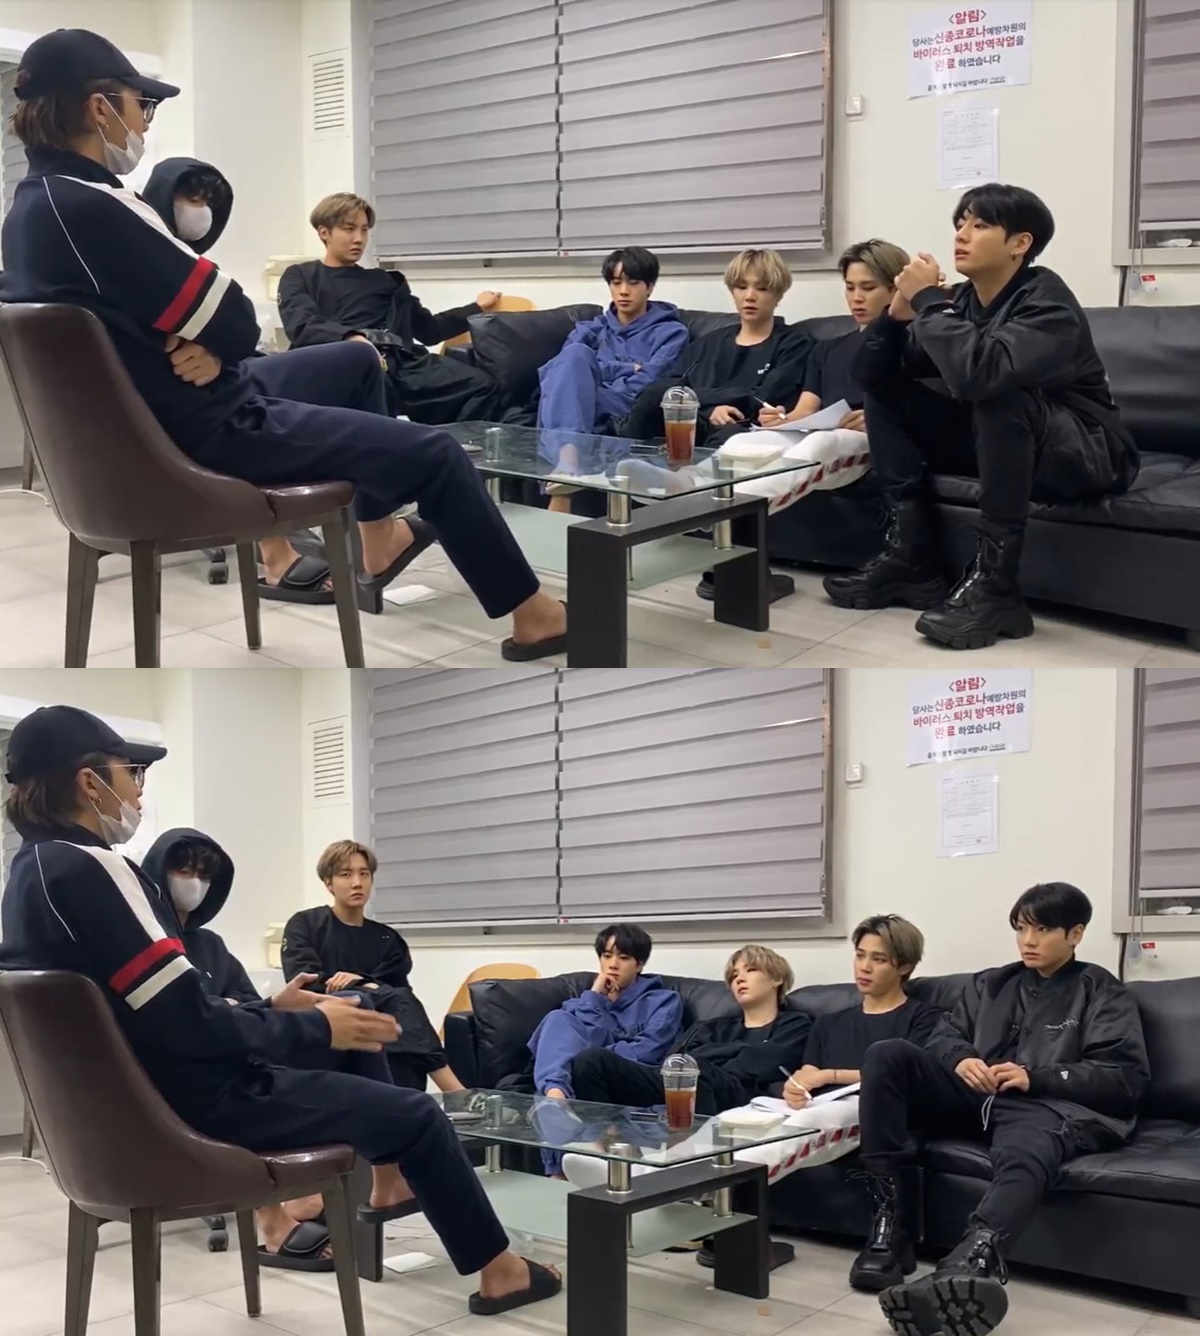 방탄소년단_유튜브 라이브 단체 회의_갈무리.jpg